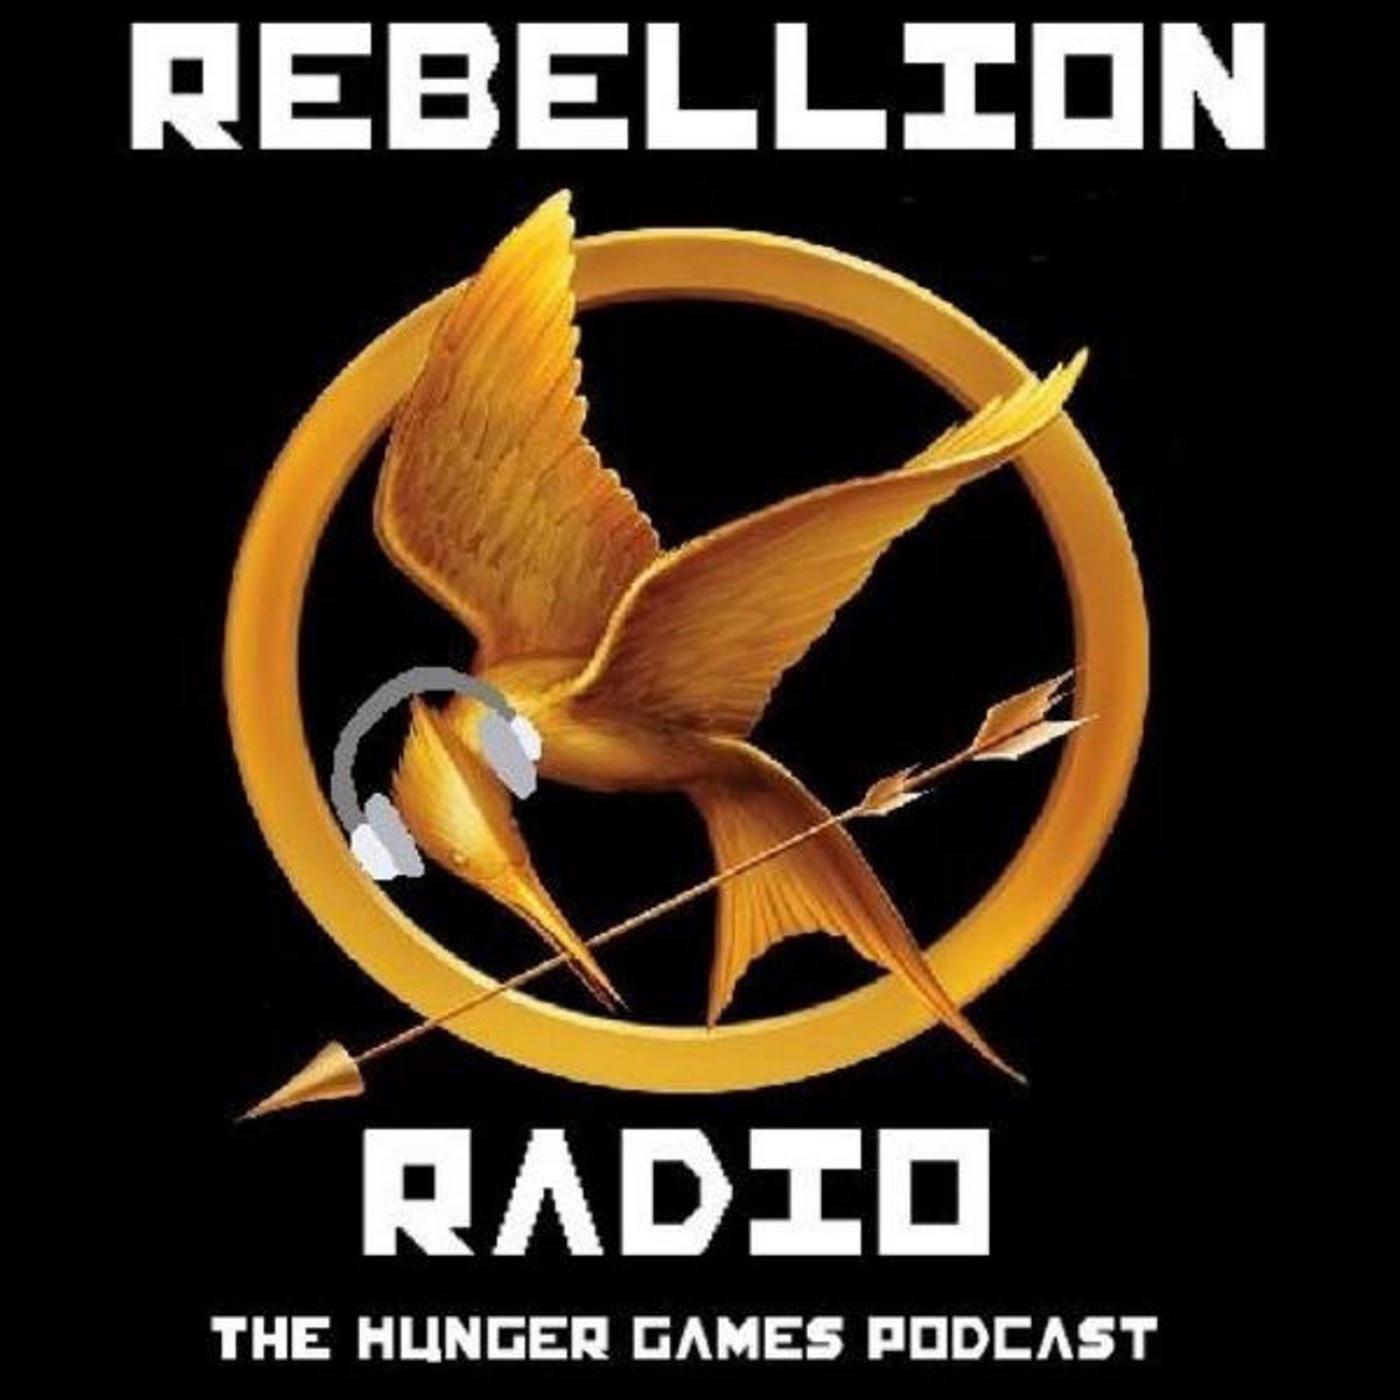 rebellion in hunger games